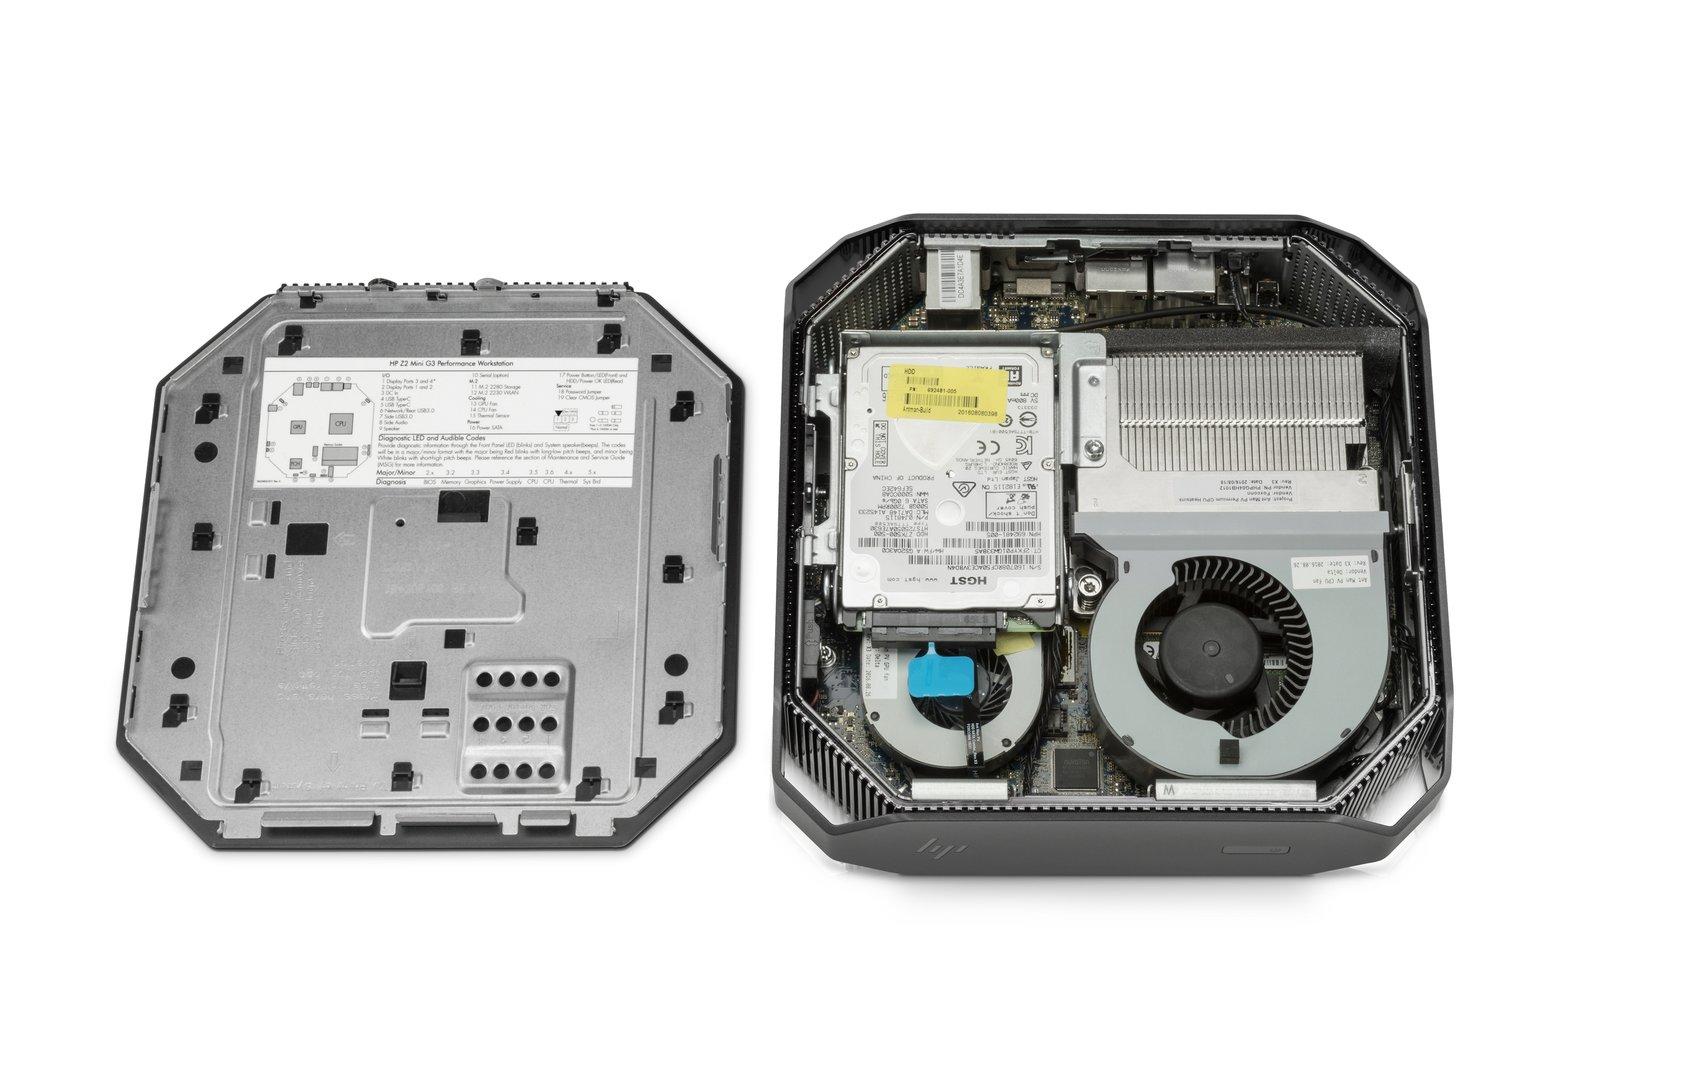 Zwei Radiallüfter kühlen die verbaute Hardware